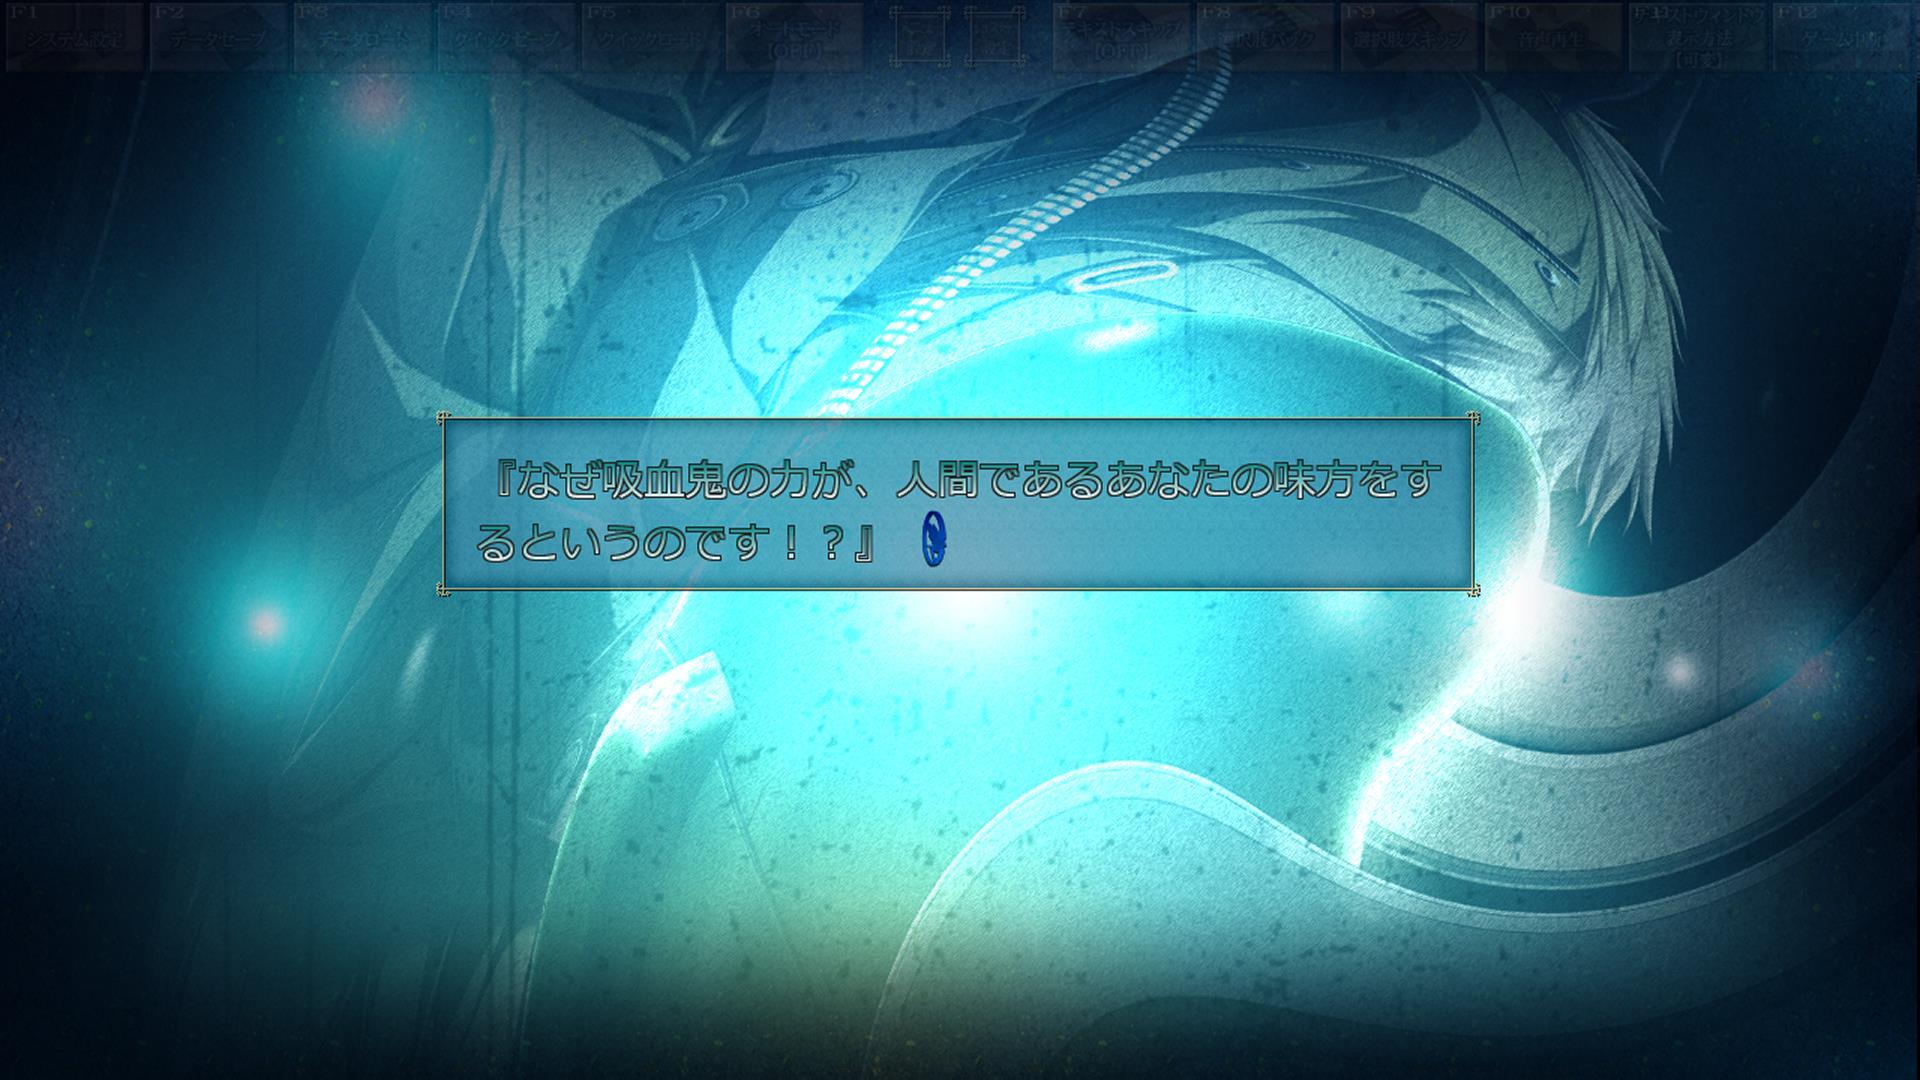 screeenshot-20200727213602884.jpg